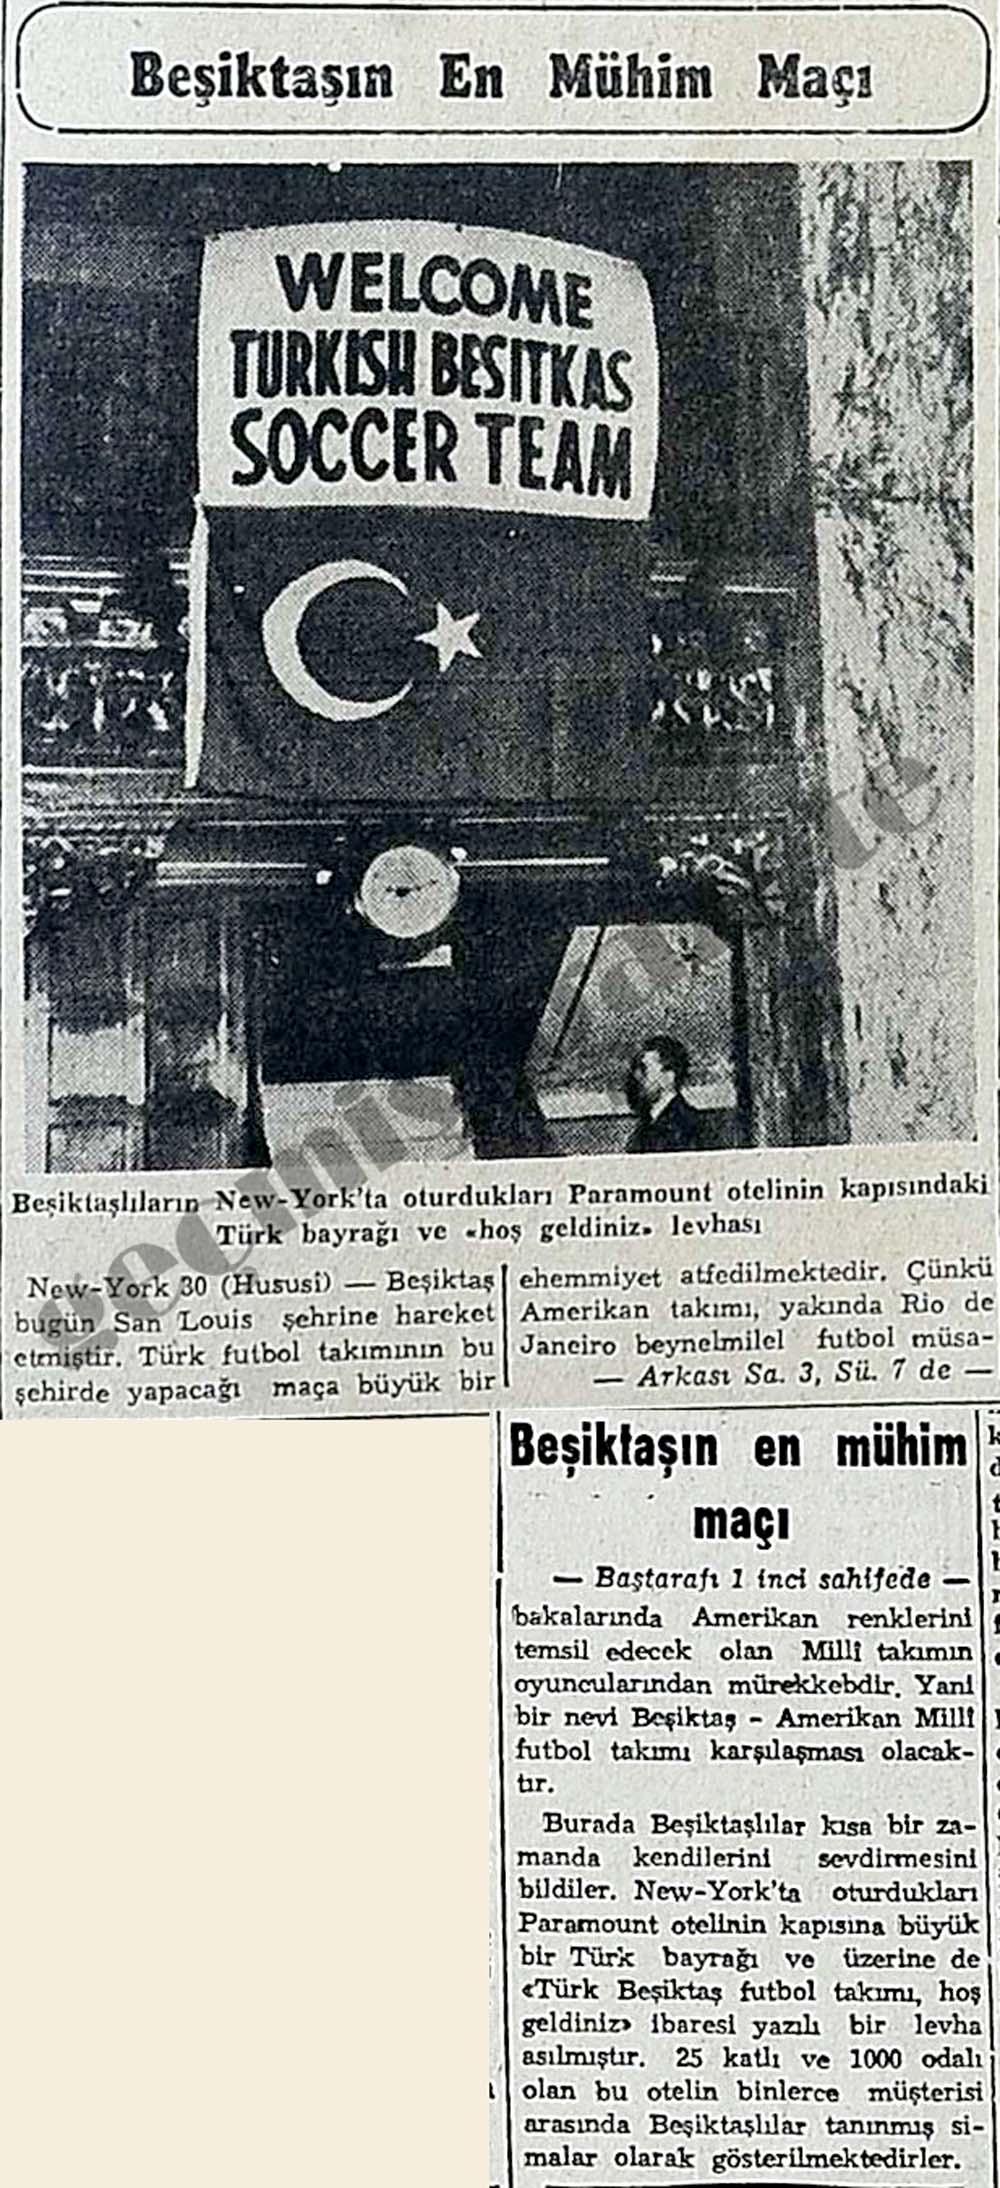 Beşiktaşın En Mühim Maçı